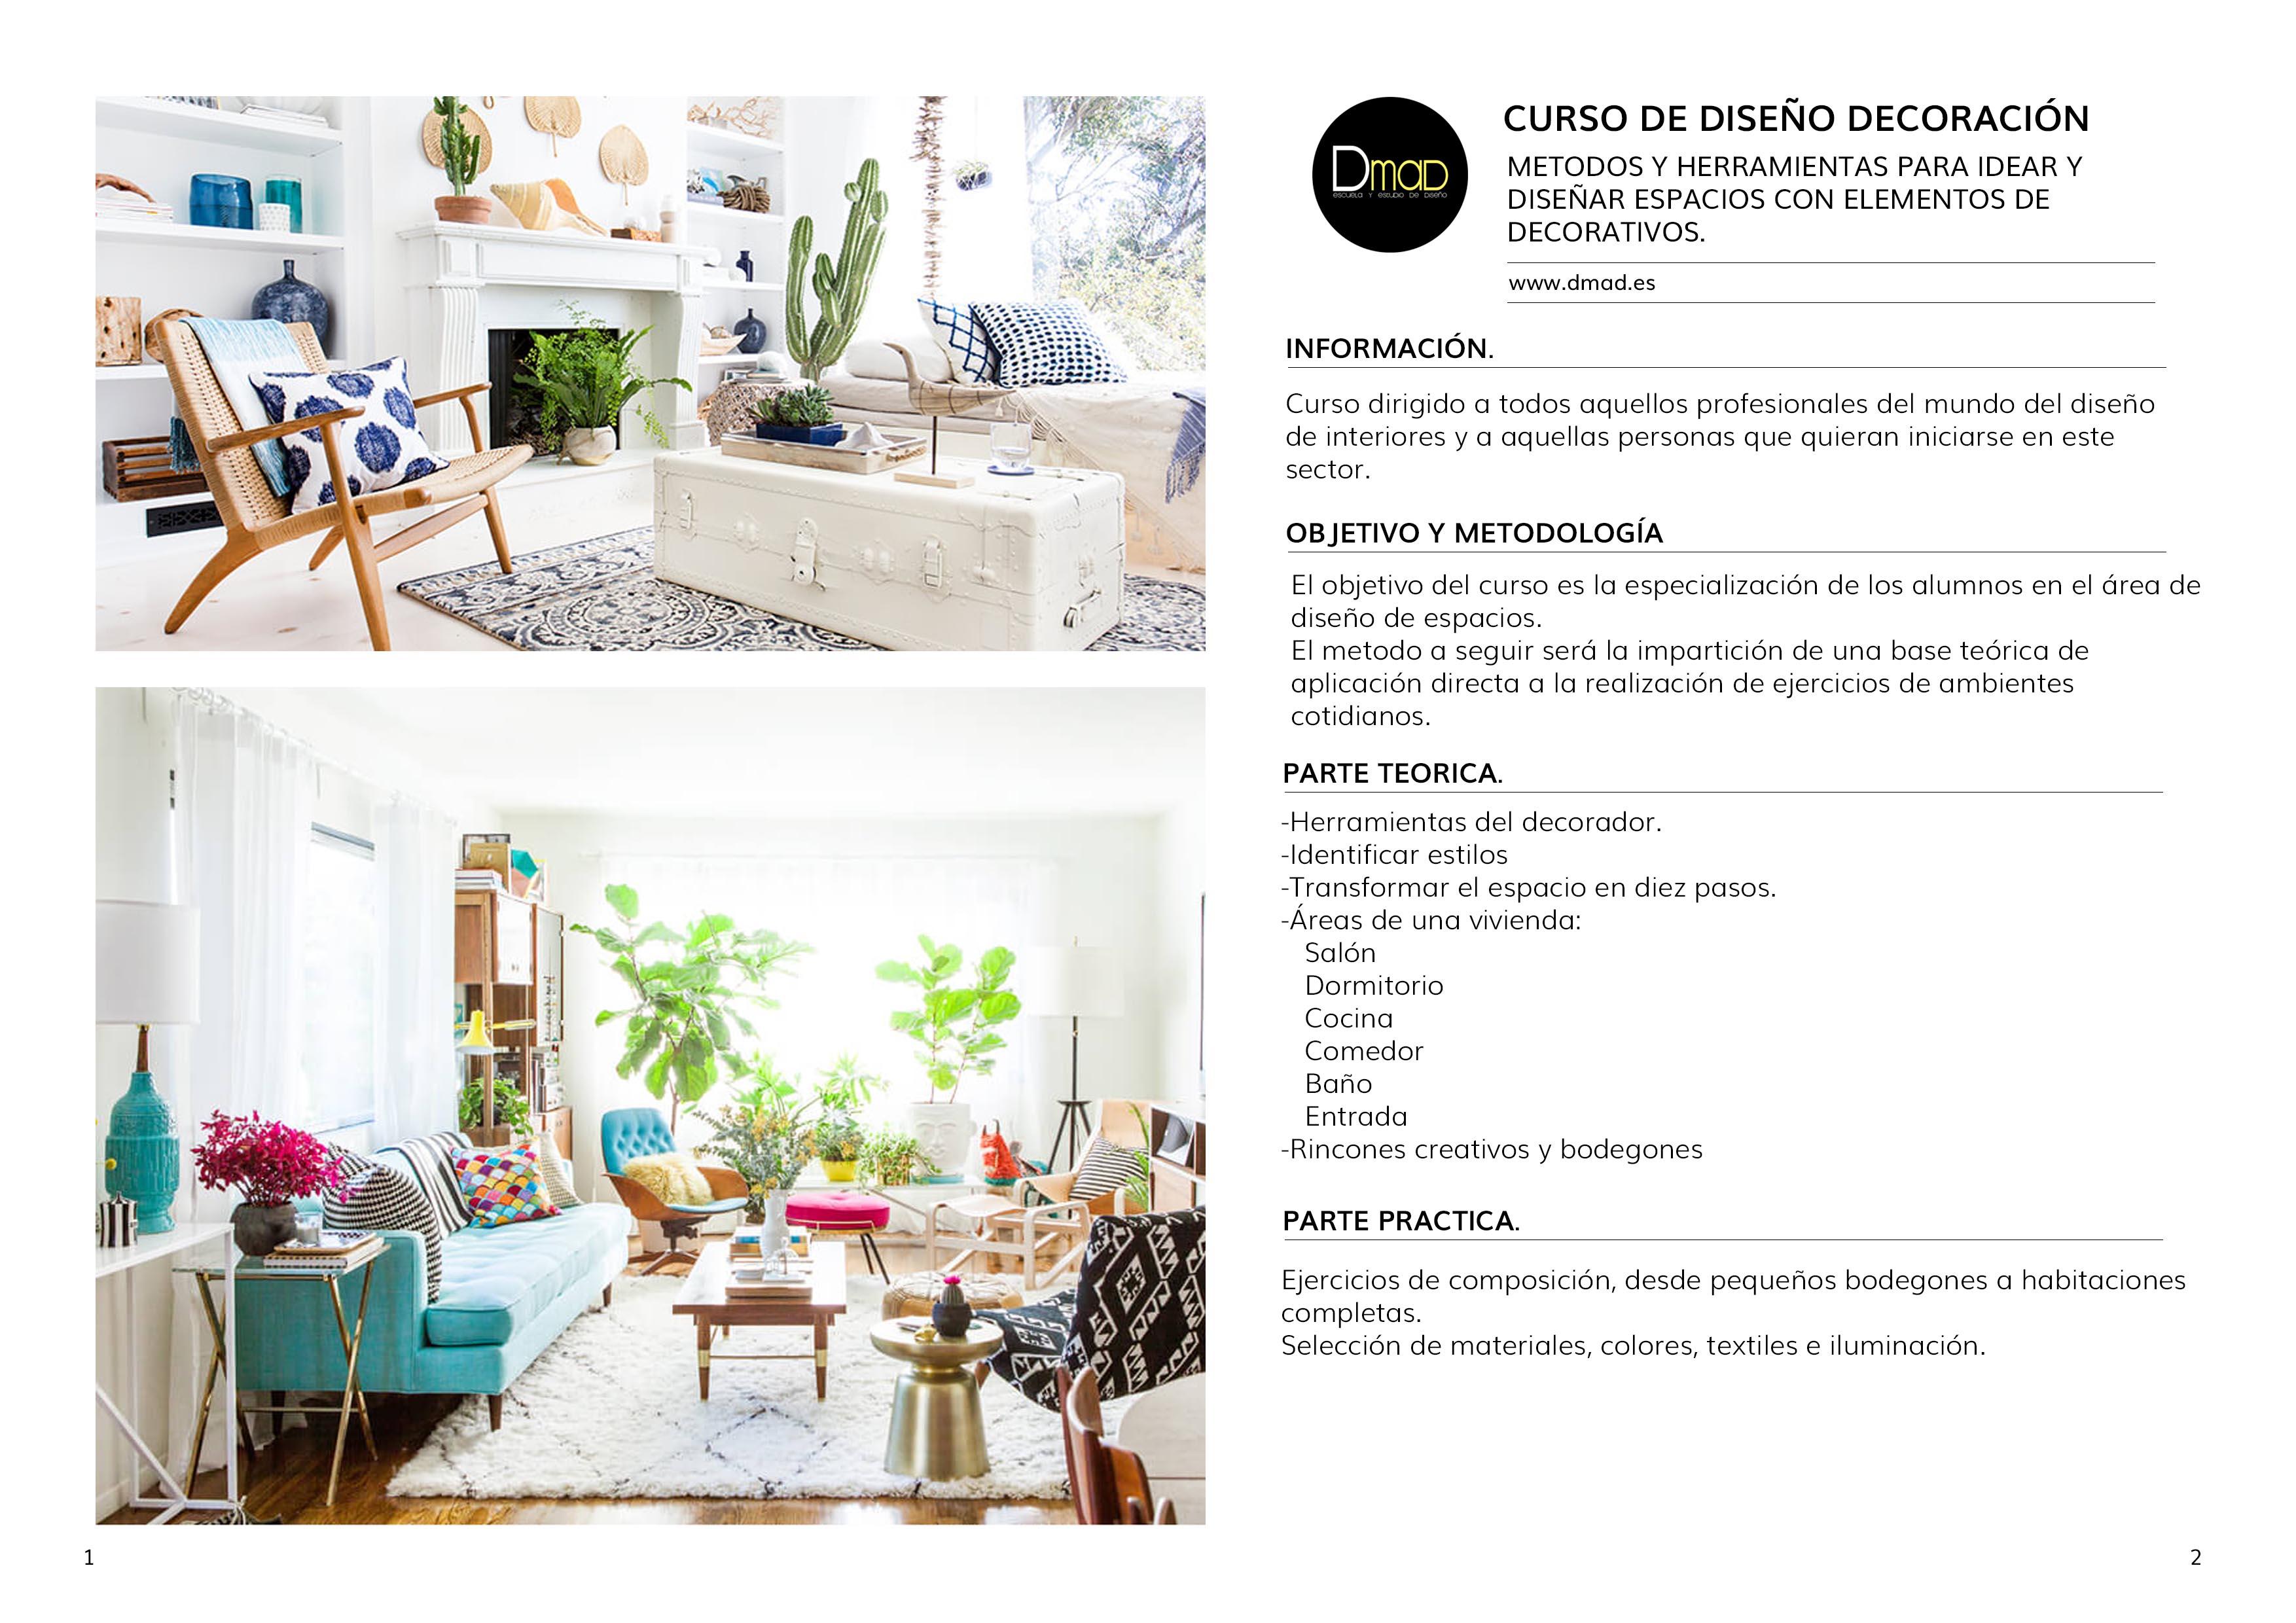 Disear dormitorio disear una habitacin infantil neutra for Programa de decoracion de interiores online